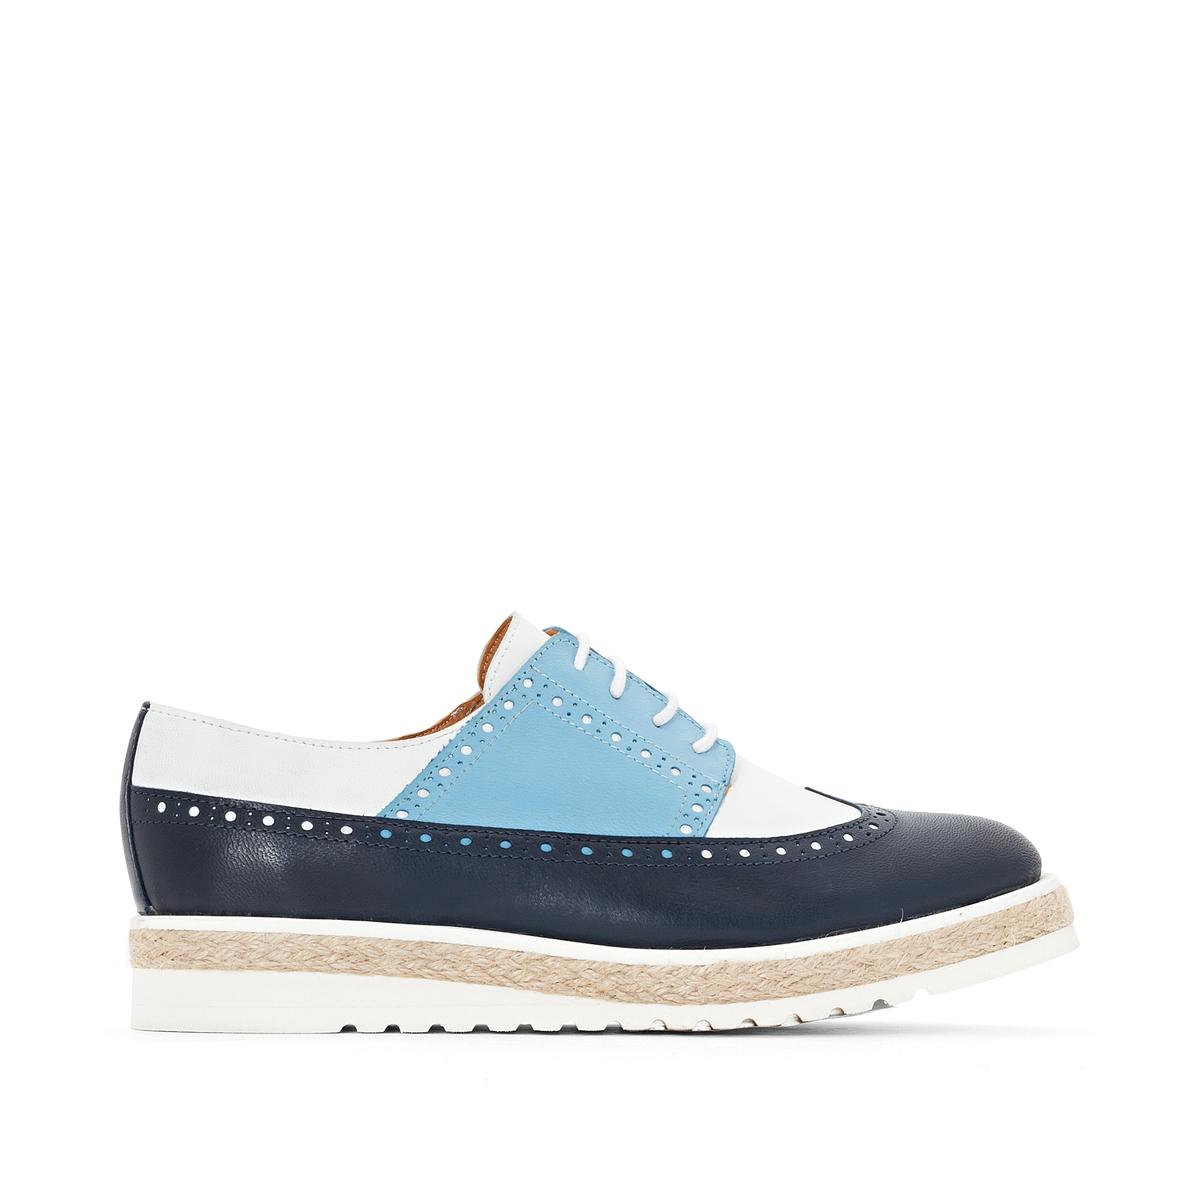 цена Ботинки-дерби La Redoute Кожаные трехцветные на танкетке 37 синий онлайн в 2017 году